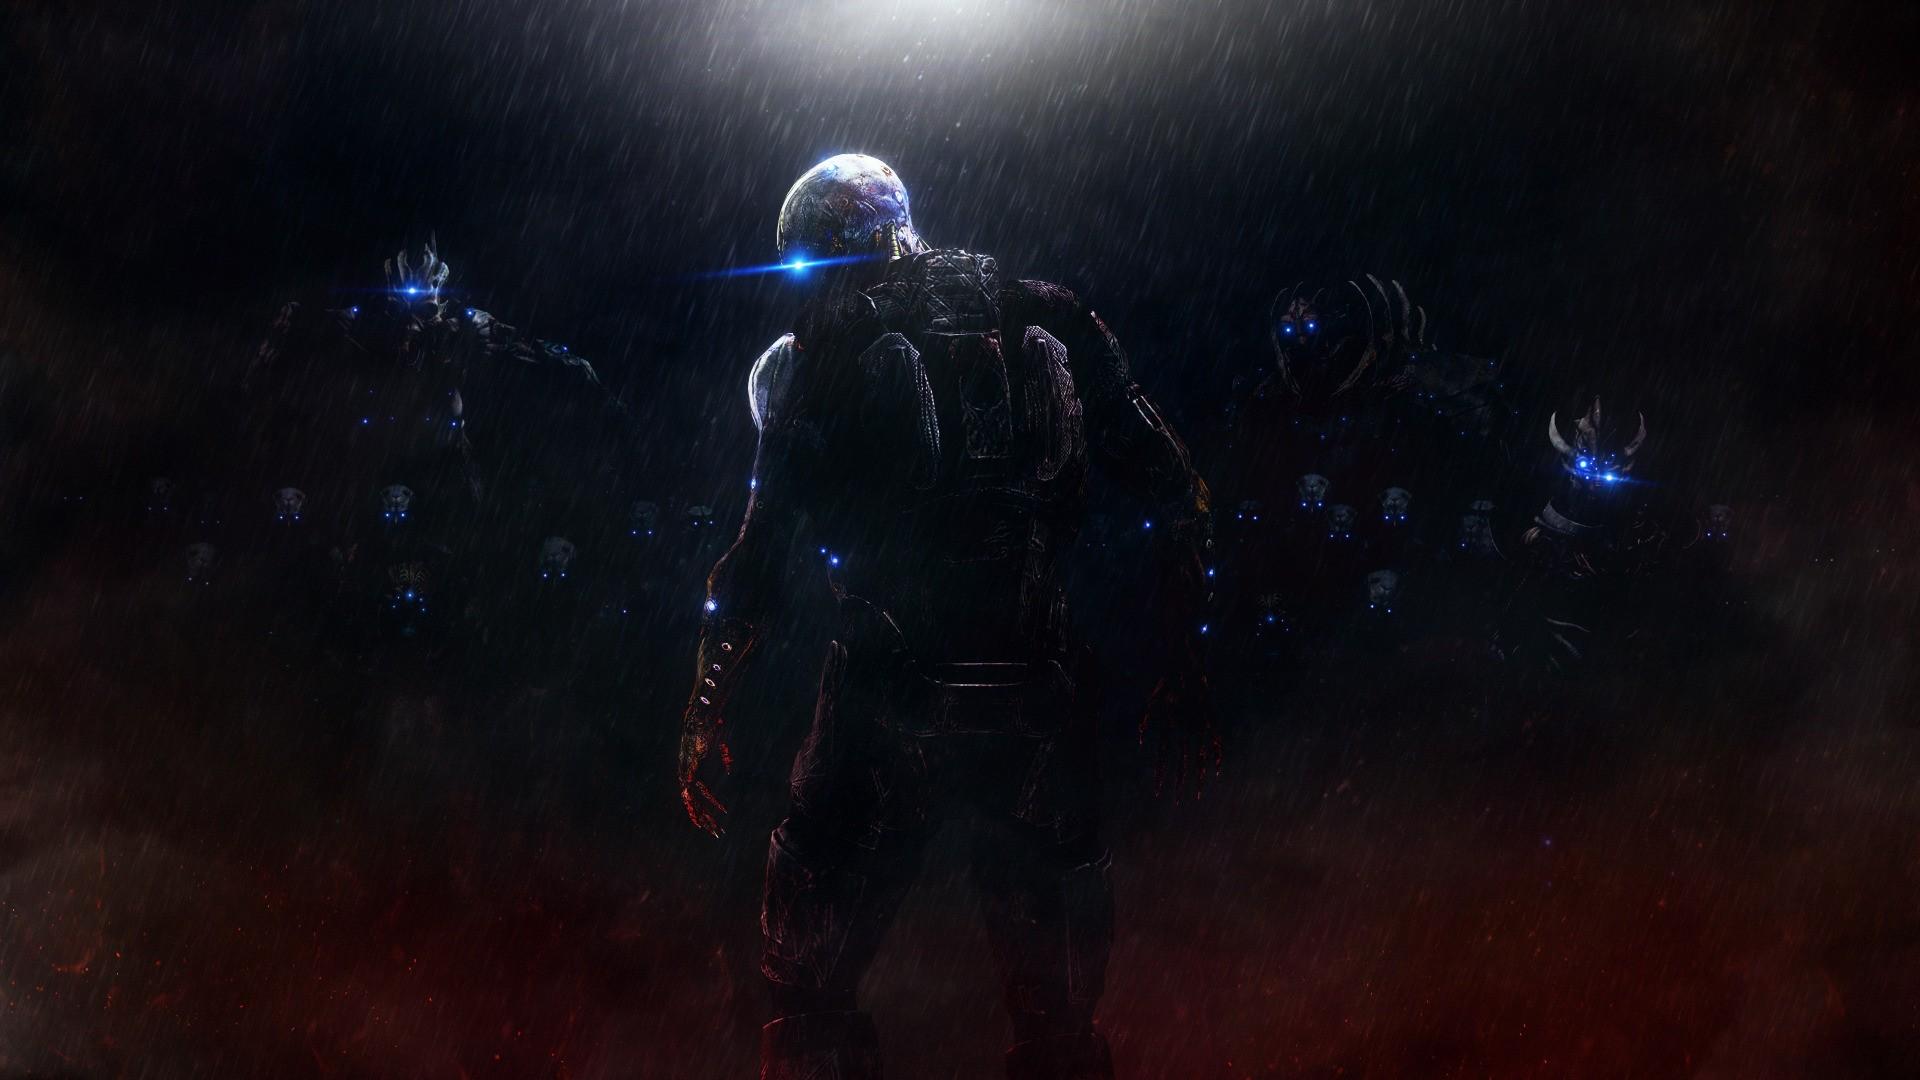 Mass Effect Wallpaper for pc